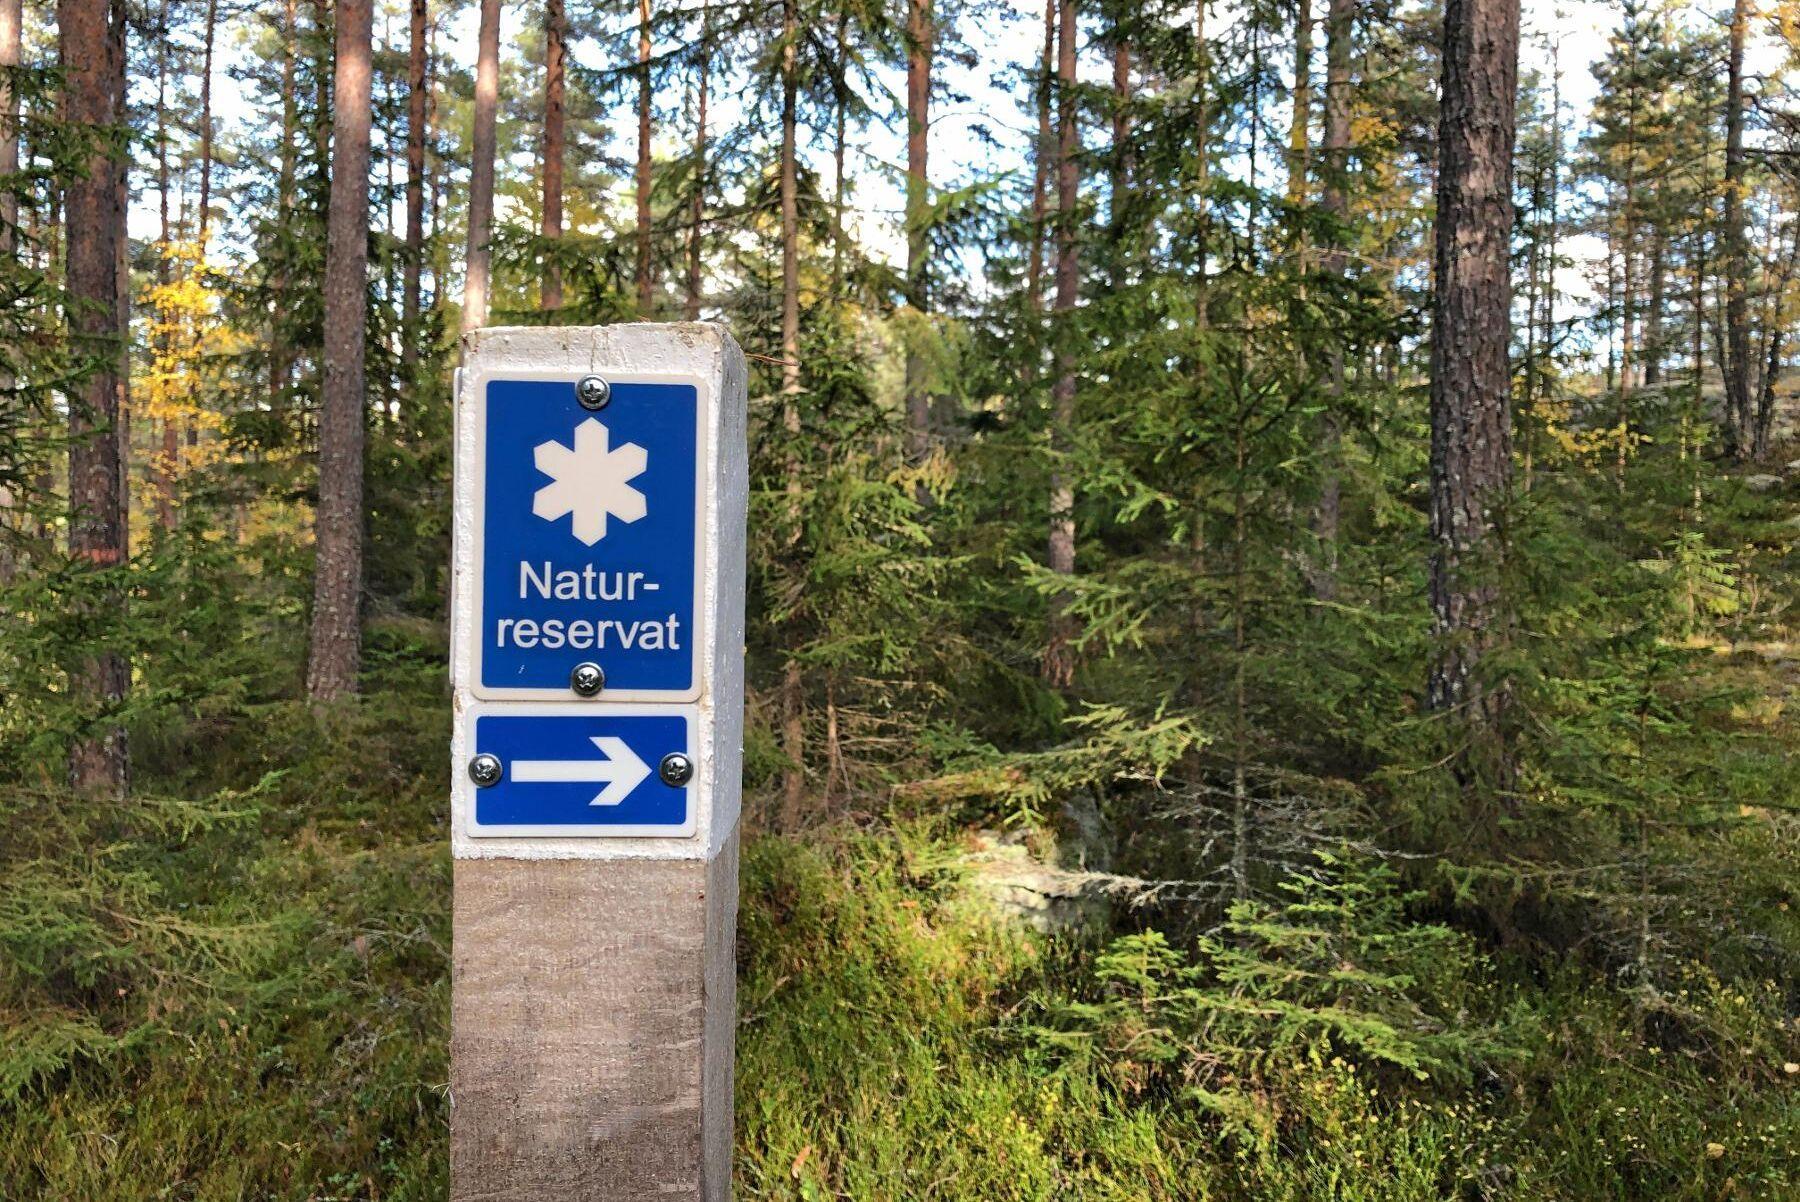 Kommunerna bör själva stå för kostnaden fullt ut för de naturreservat de inrättar, menar Josefin Malmqvist och Johan Widegren från Moderaterna.